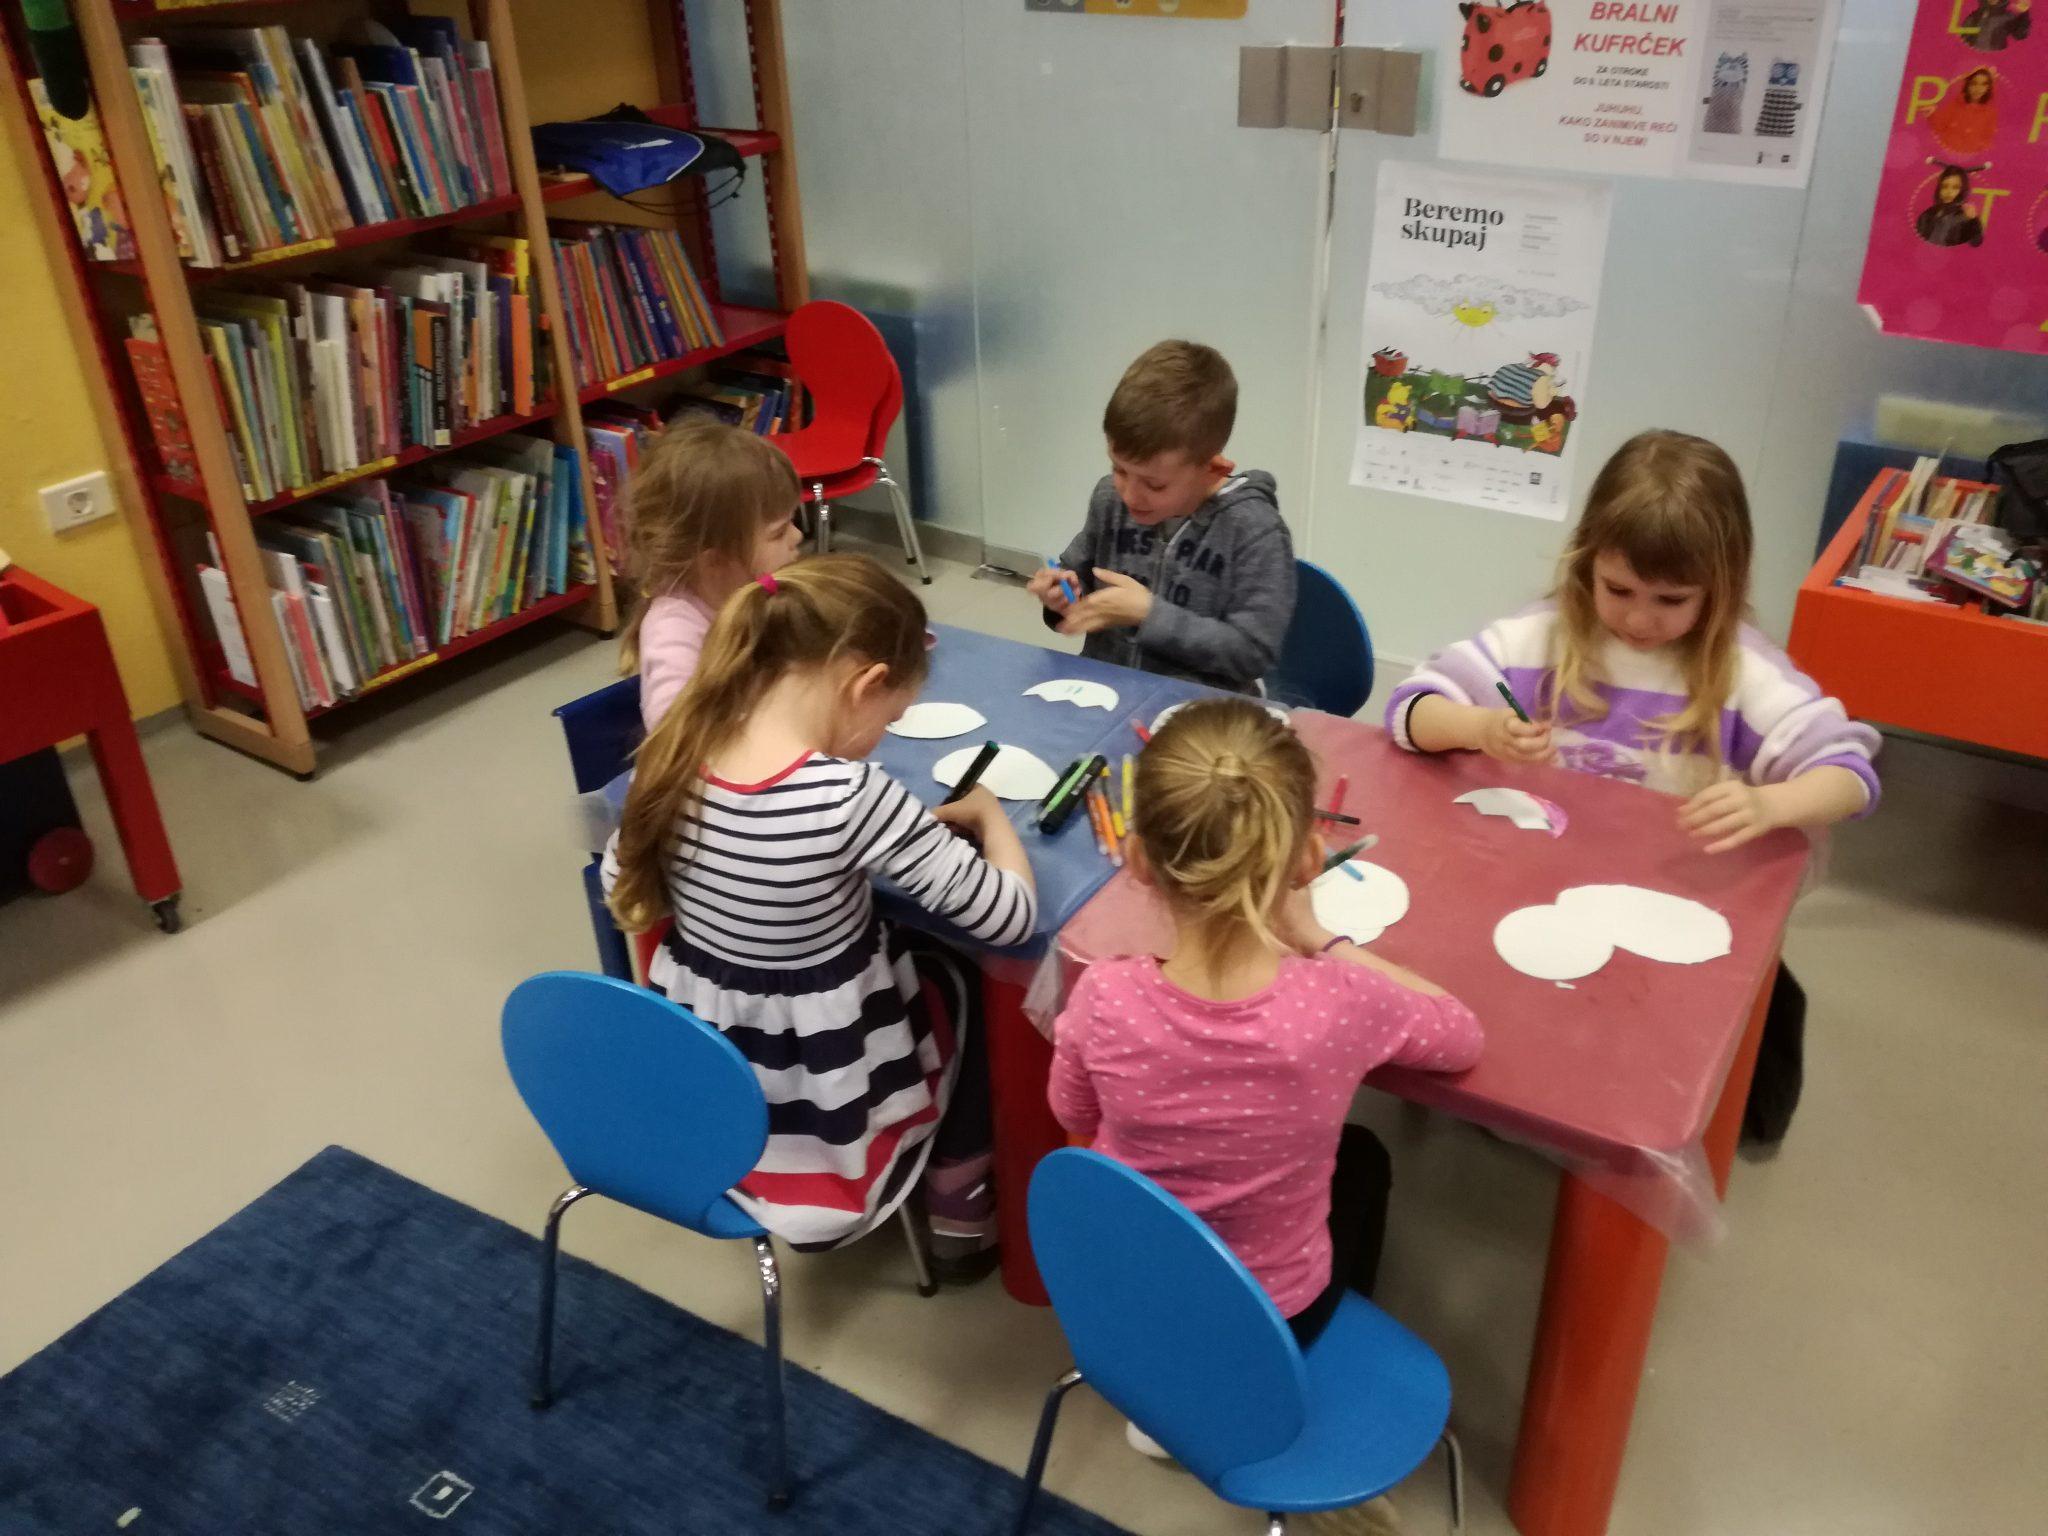 IMG 20190412 174611 - Pravljična ura in ustvarjalna delavnica za otroke od 4. leta dalje - Cerknica